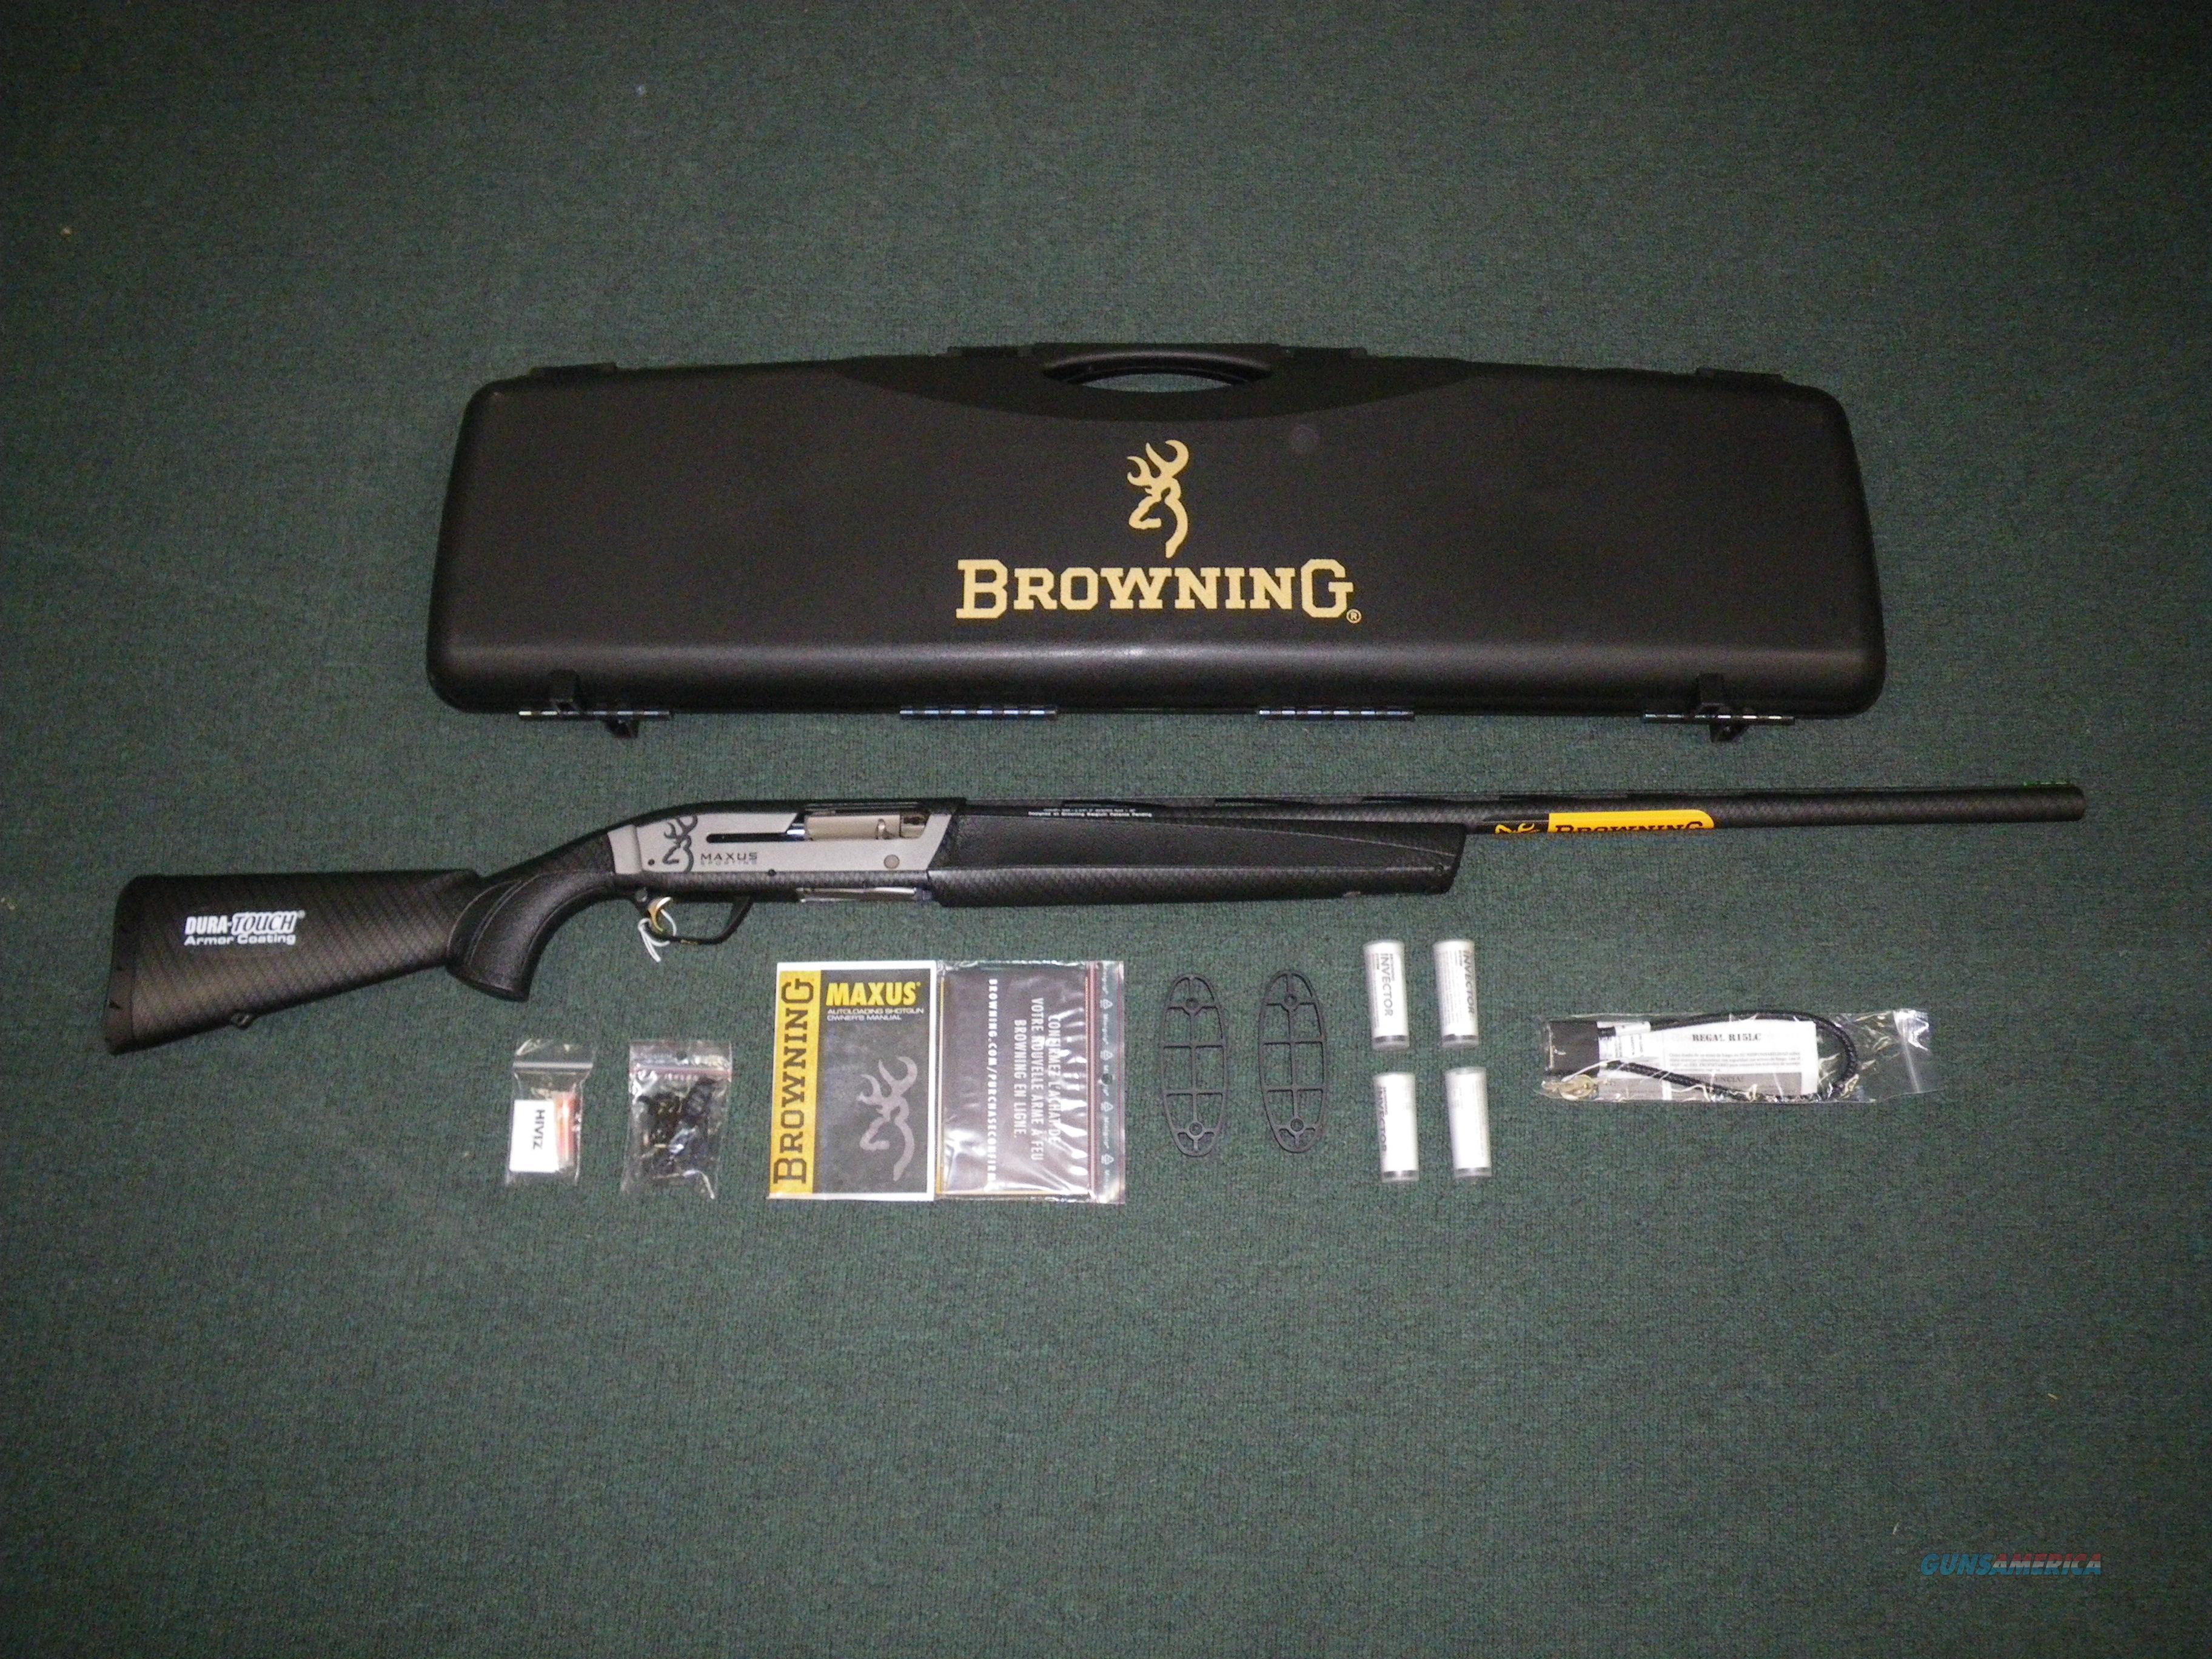 """Browning Maxus Sporting Carbon Fiber 12ga 28"""" NEW #011609304  Guns > Shotguns > Browning Shotguns > Autoloaders > Hunting"""